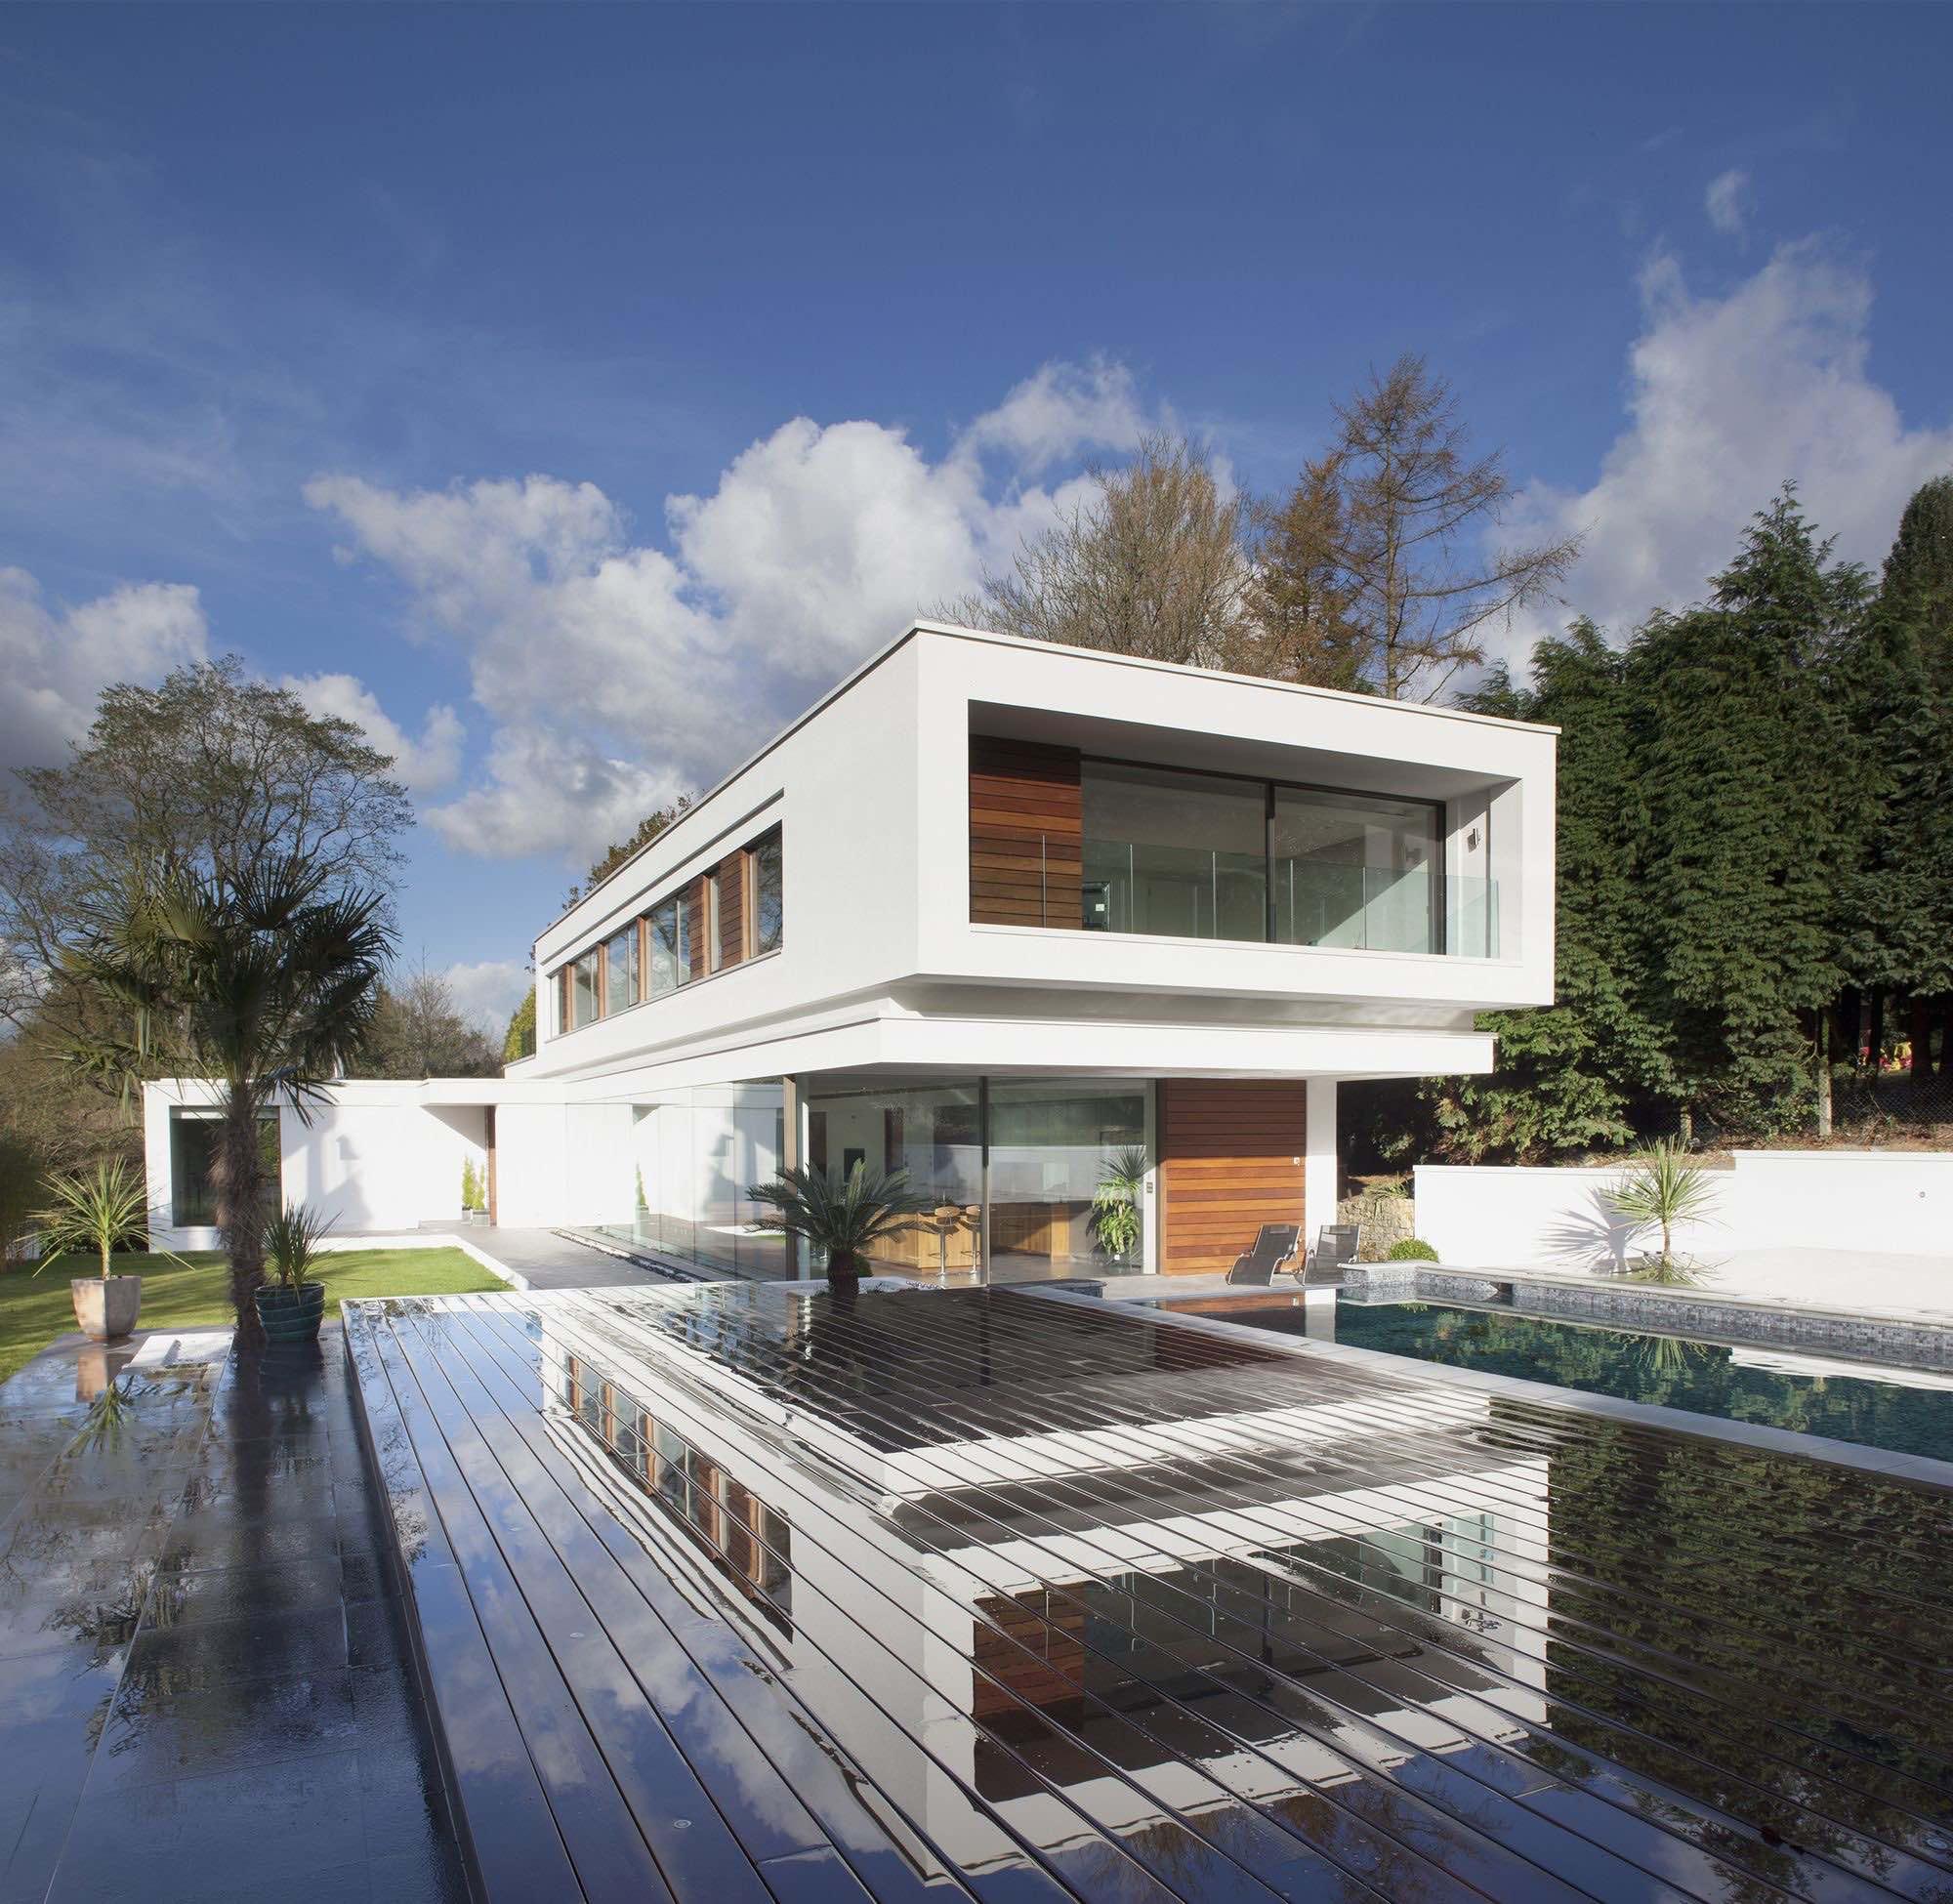 51b9e8eab3fc4bd12a000010_white-lodge-dyergrimes-architects_wl08logan